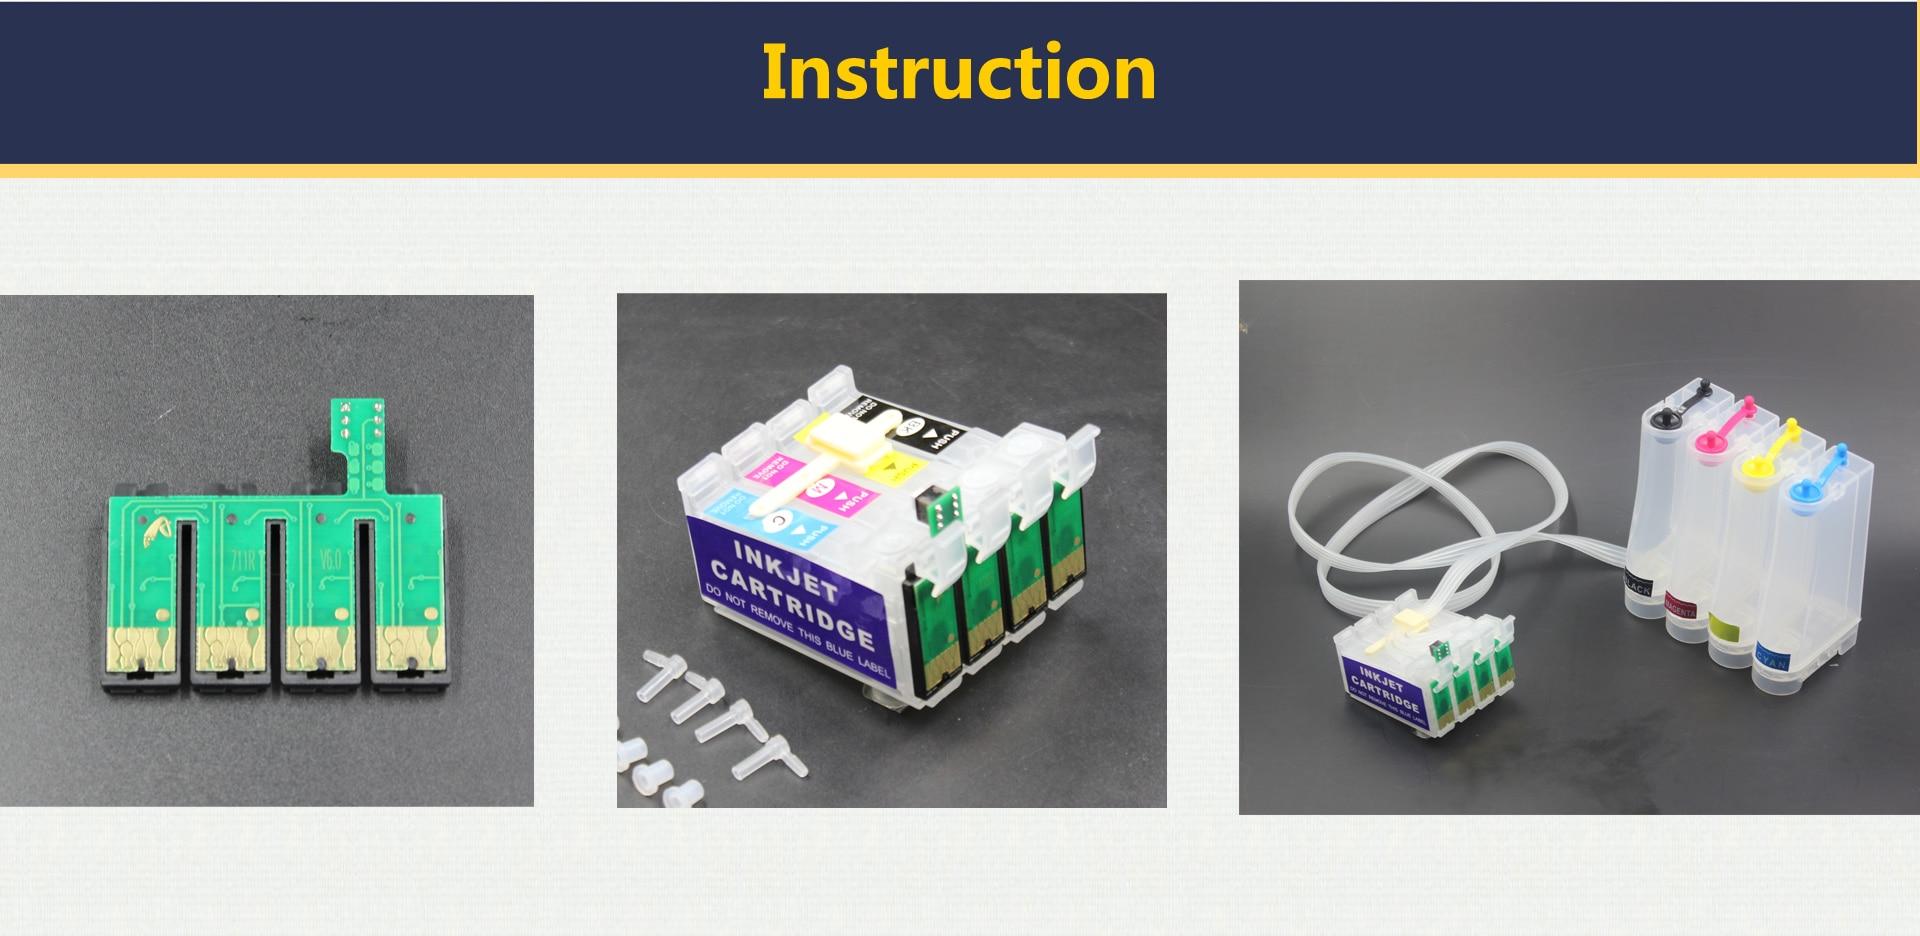 В общей сложности 20 блоков t0731 731n 73n автоматическое пополнение чернил чип для Epson T20/TX100/TX121/TX200/TX220/TX400/TX409/T40W/TX600W Система непрерывной подачи чернил